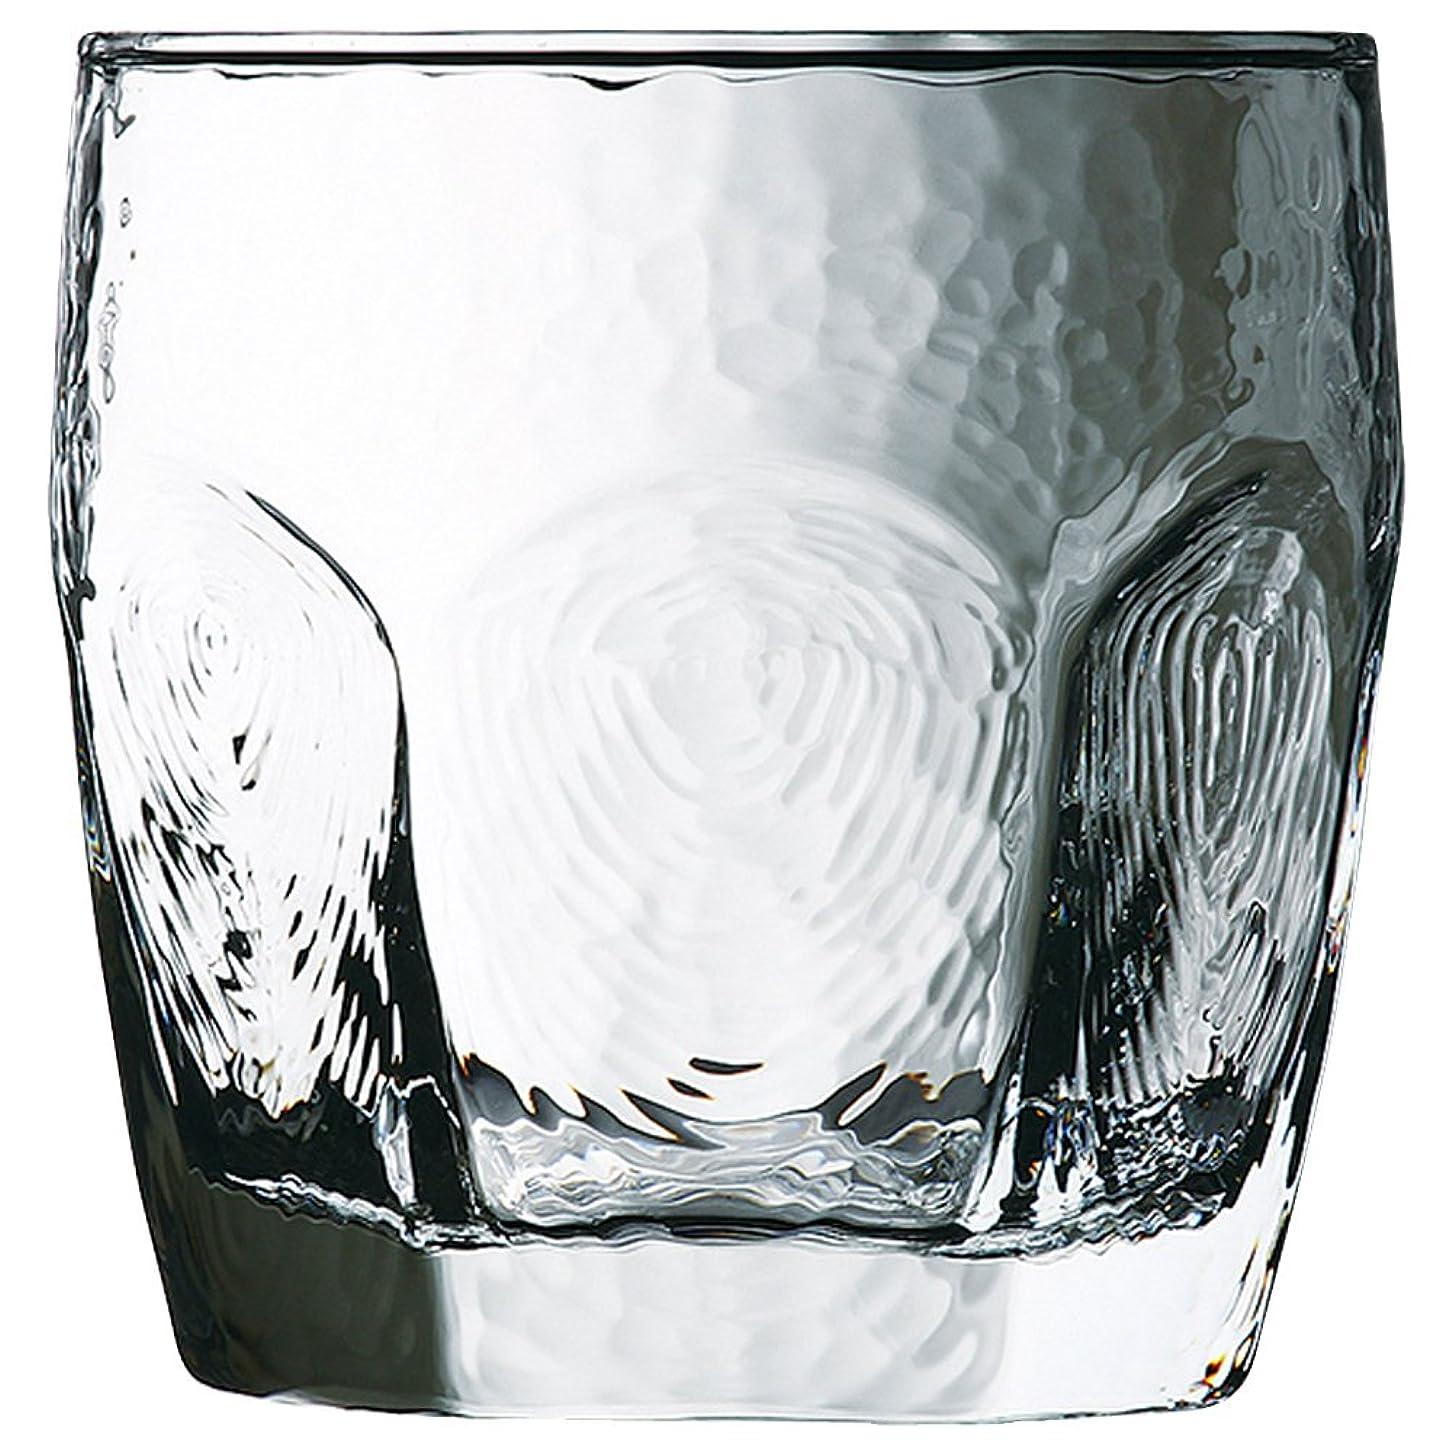 ヘア奇跡それにもかかわらず山下工芸 グラス シバリー2485 8.5×8.5×8.5cm 13935000